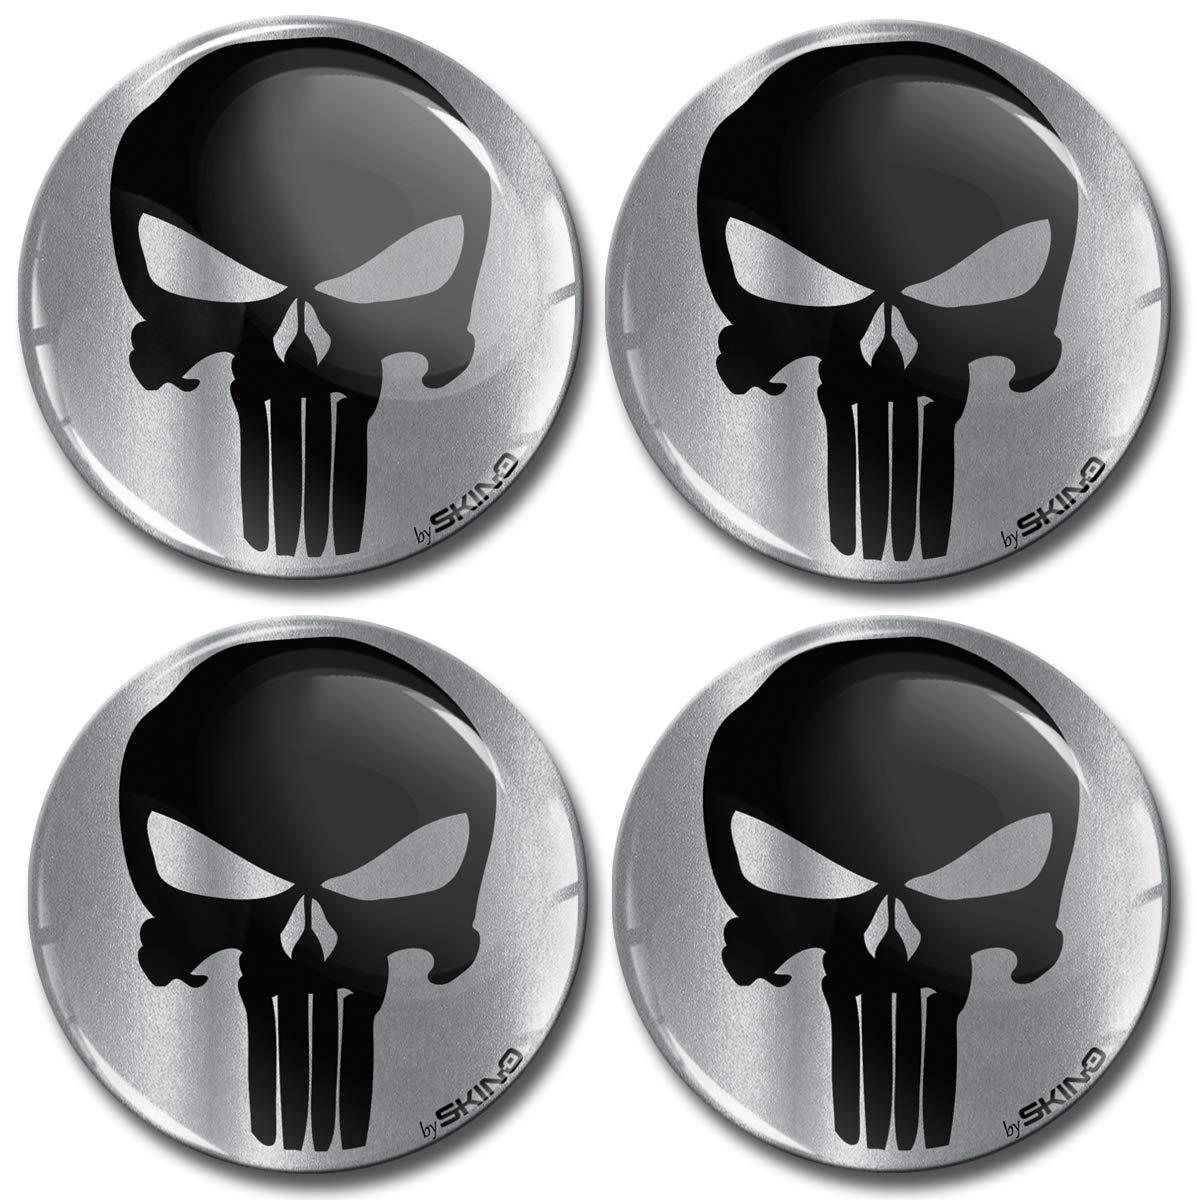 Biomar Labs/® 4 x 55mm 3D Adesivi in Silicone per Coprimozzo Cerchione Copricerchi Tappi Ruote Auto Tuning Punisher Skull Teschio Cranio A 7955